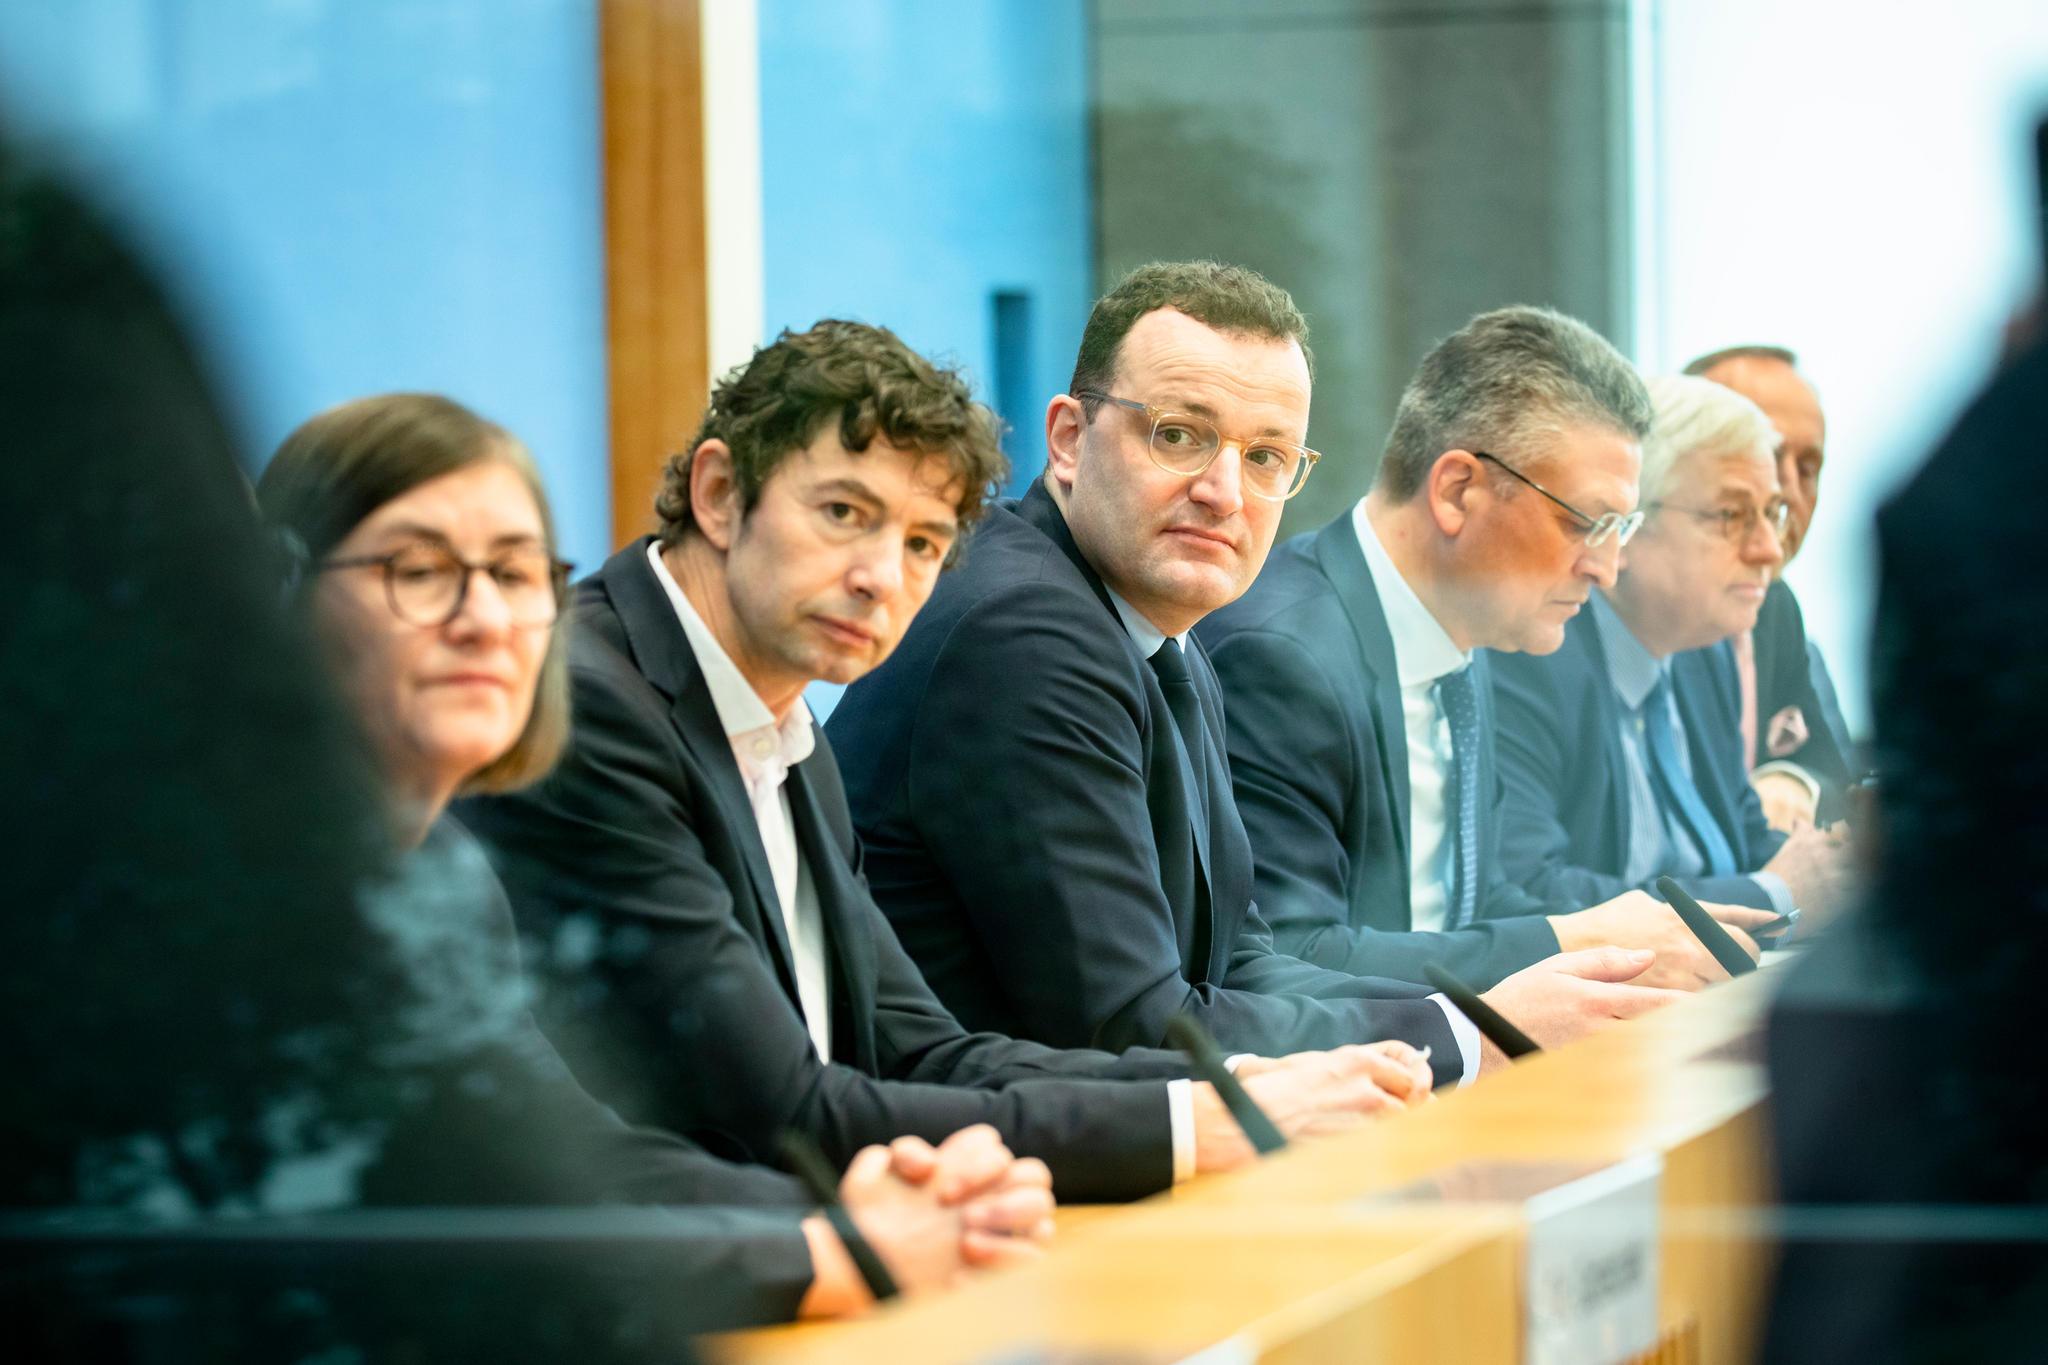 Bundesgesundheitsminister Jens Spahn, der Präsident des Robert-Koch-Instituts Lothar Wieler, der Abteilungsleiter Virologie der Charité Christian Drosten und weitere Experten beieiner Pressekonferenz.